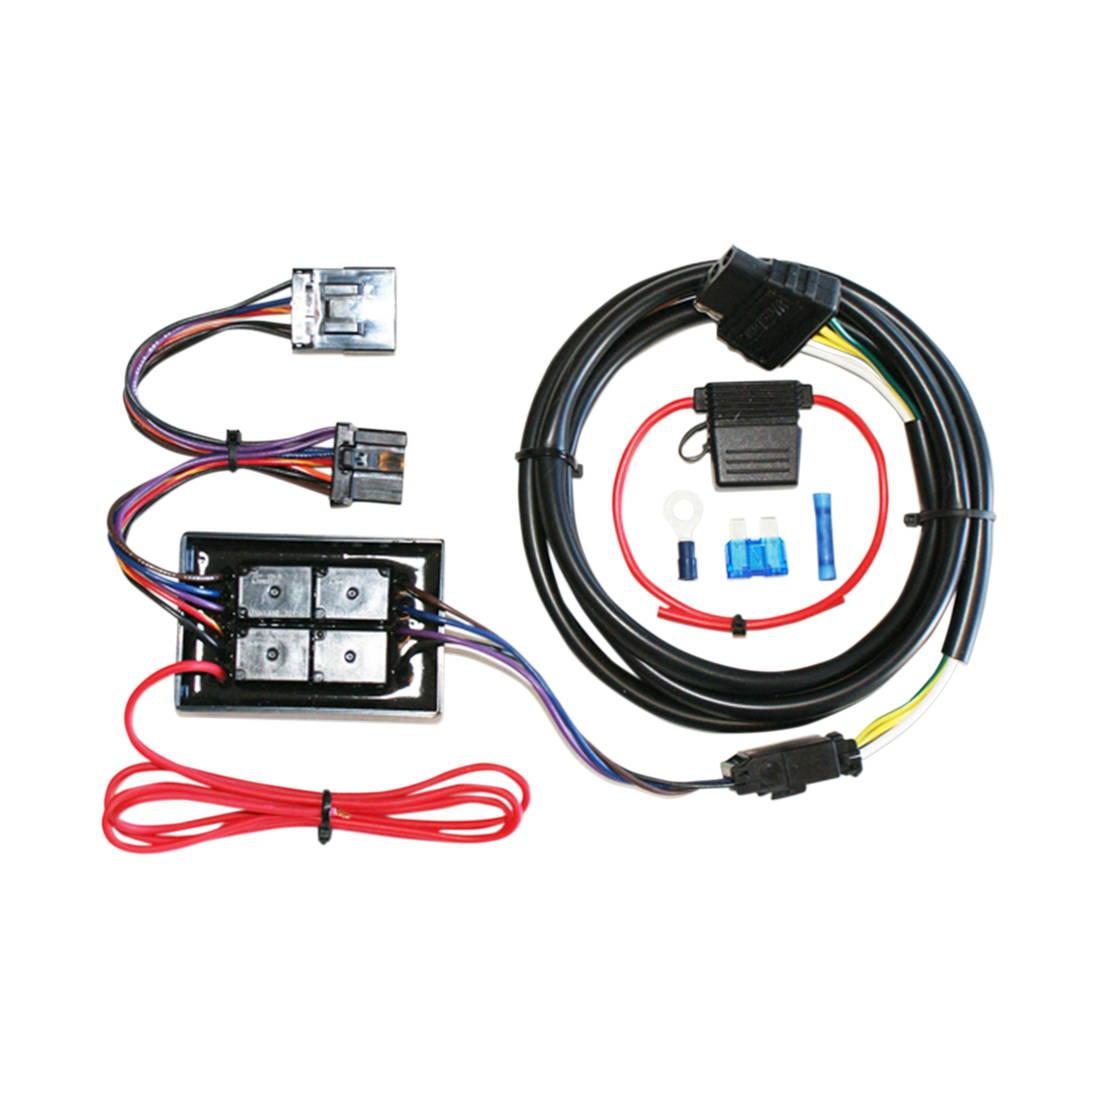 【取寄せ】 クロームワークス 720760 KHROME WERKS CONVERTER ISO W/8PIN MUL CONVERTER ISO W/8PIN MUL ( 3902-0168 ドラッグスペシャリ